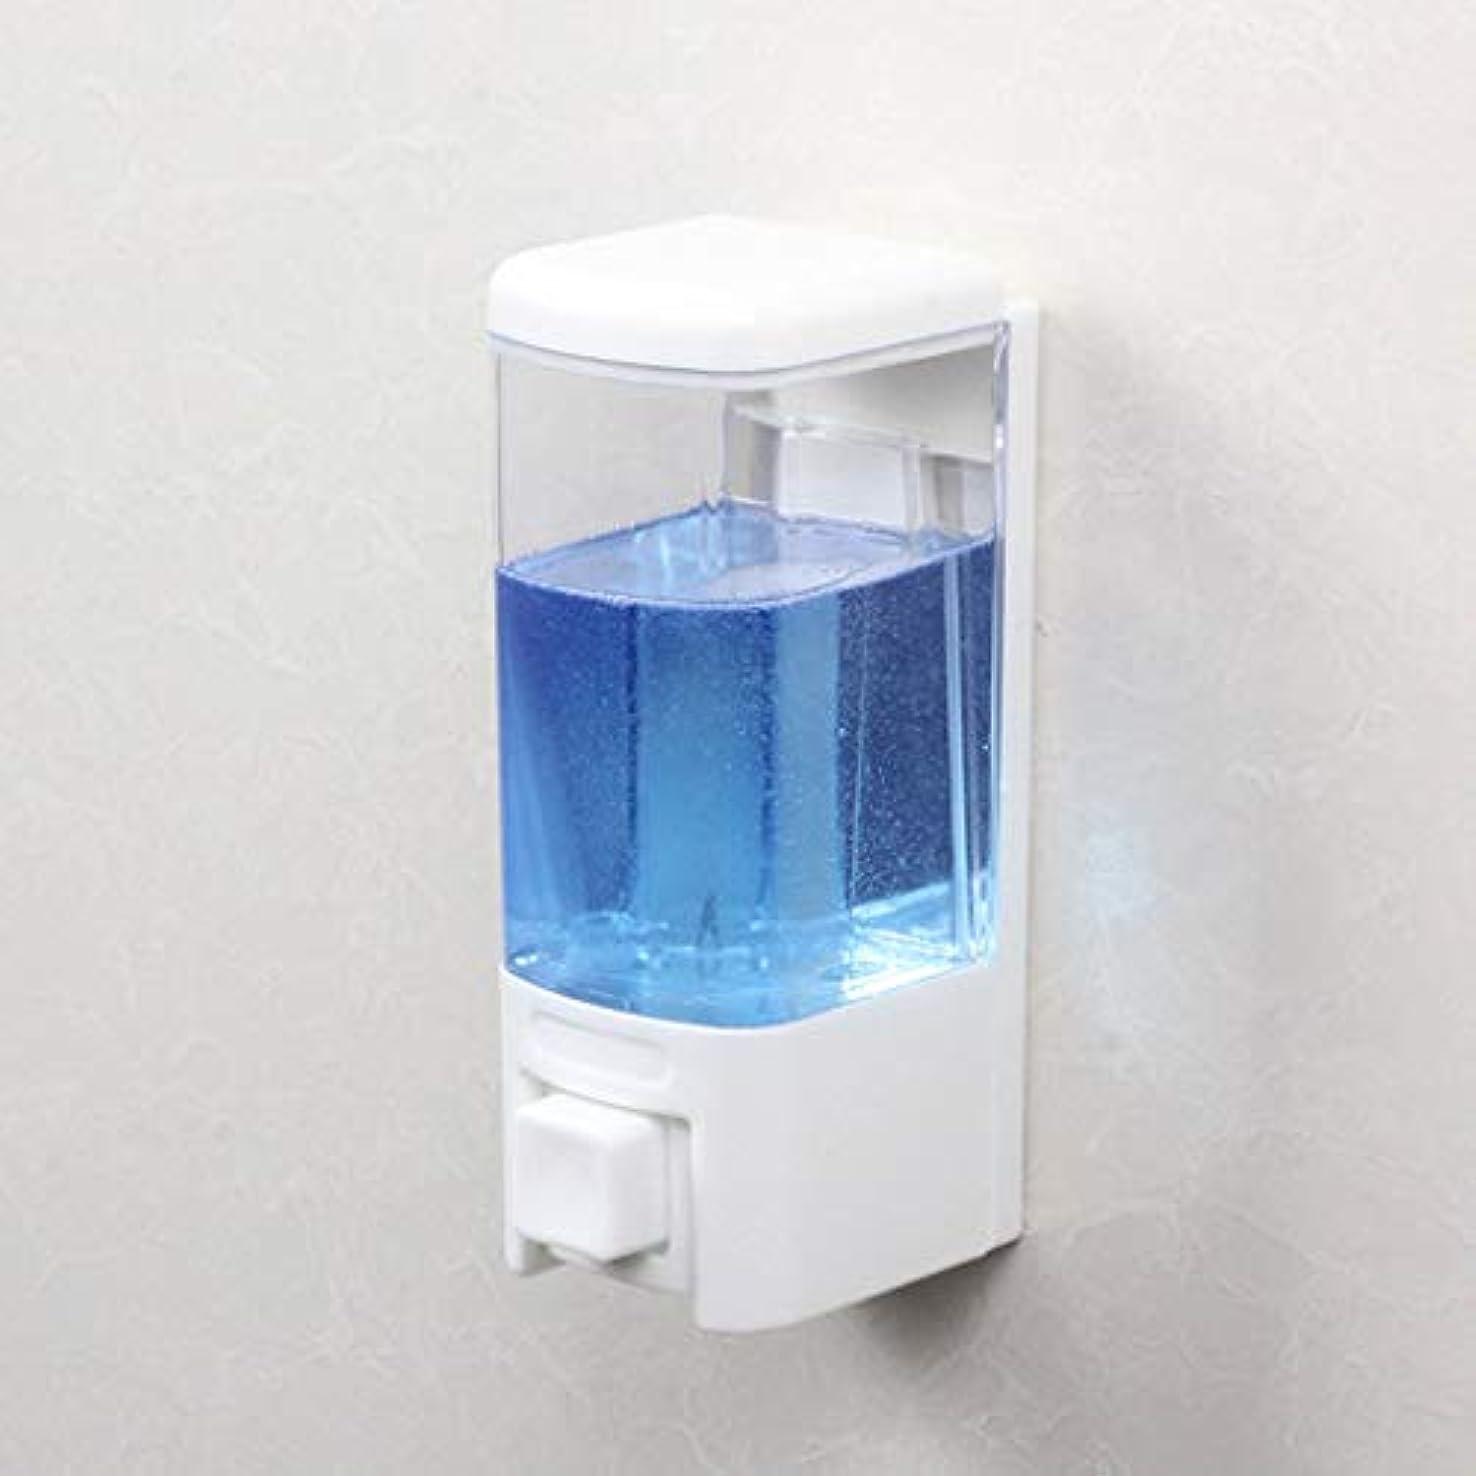 ホールドオールおしゃれなコーンせっけん 浴室ソープディスペンサーホテル壁掛け風呂シングルヘッドソープマシンシャワージェルボックス漏れ防止手消毒剤ボトル 新しい